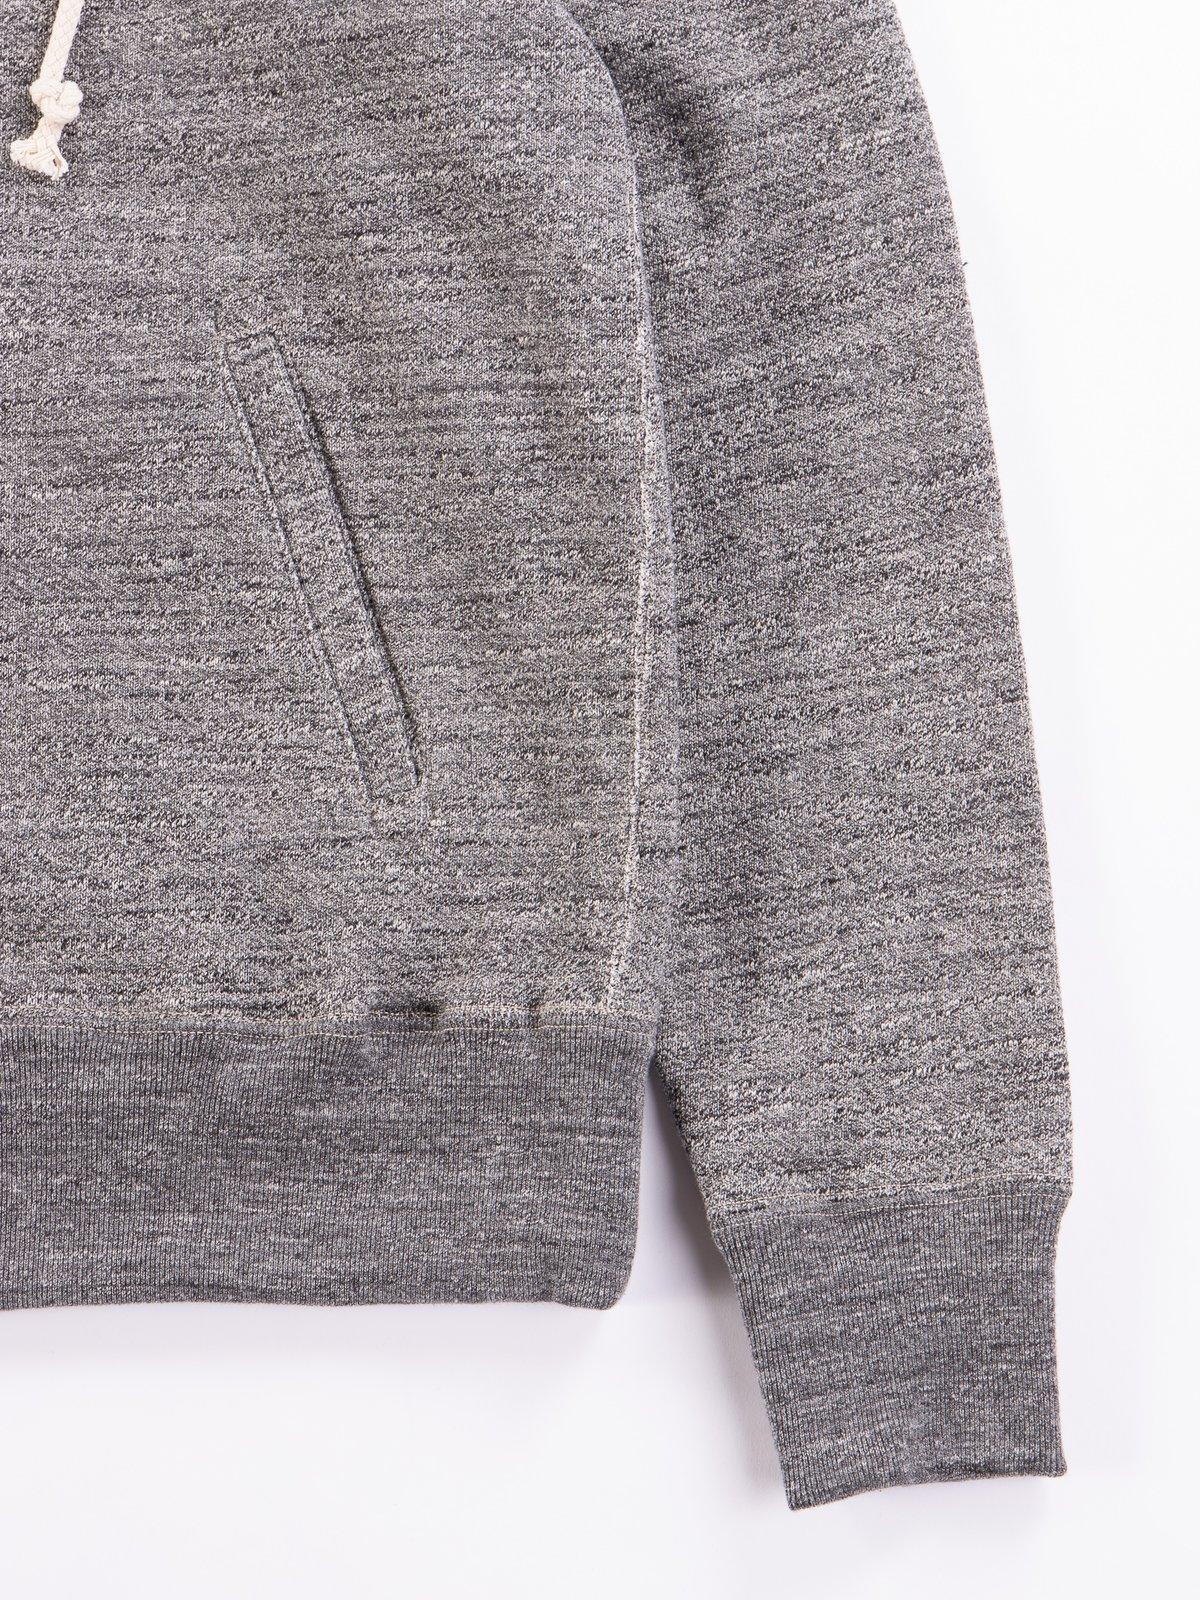 Charcoal GG Full Zip Sweatshirt - Image 4